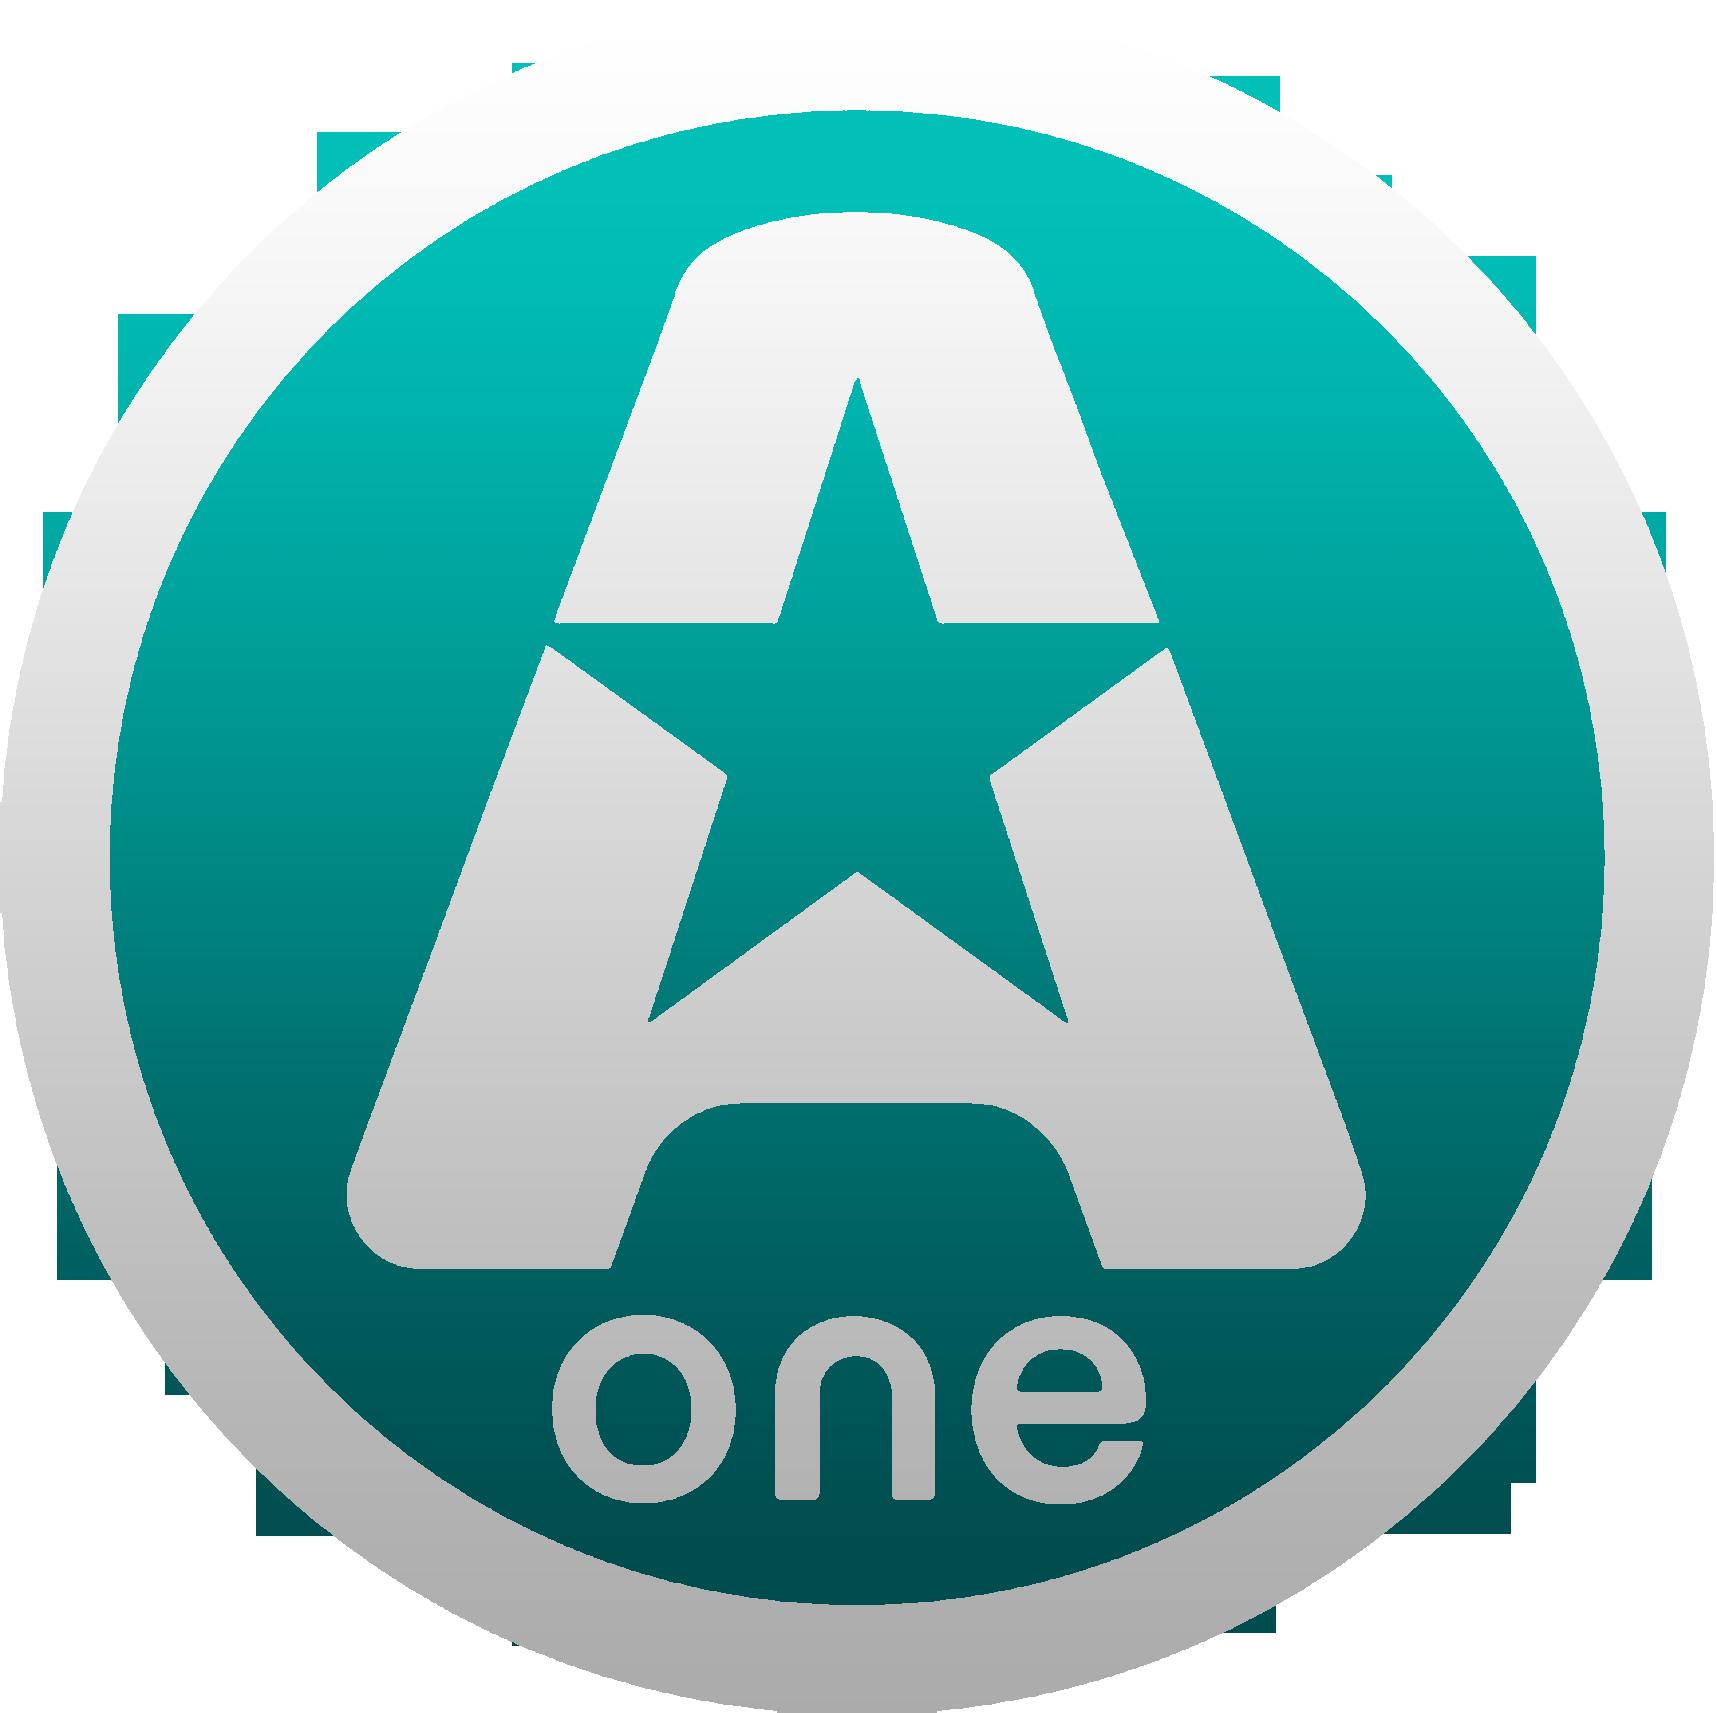 A-One (Украина) (2-ой логотип, бирюзовый)